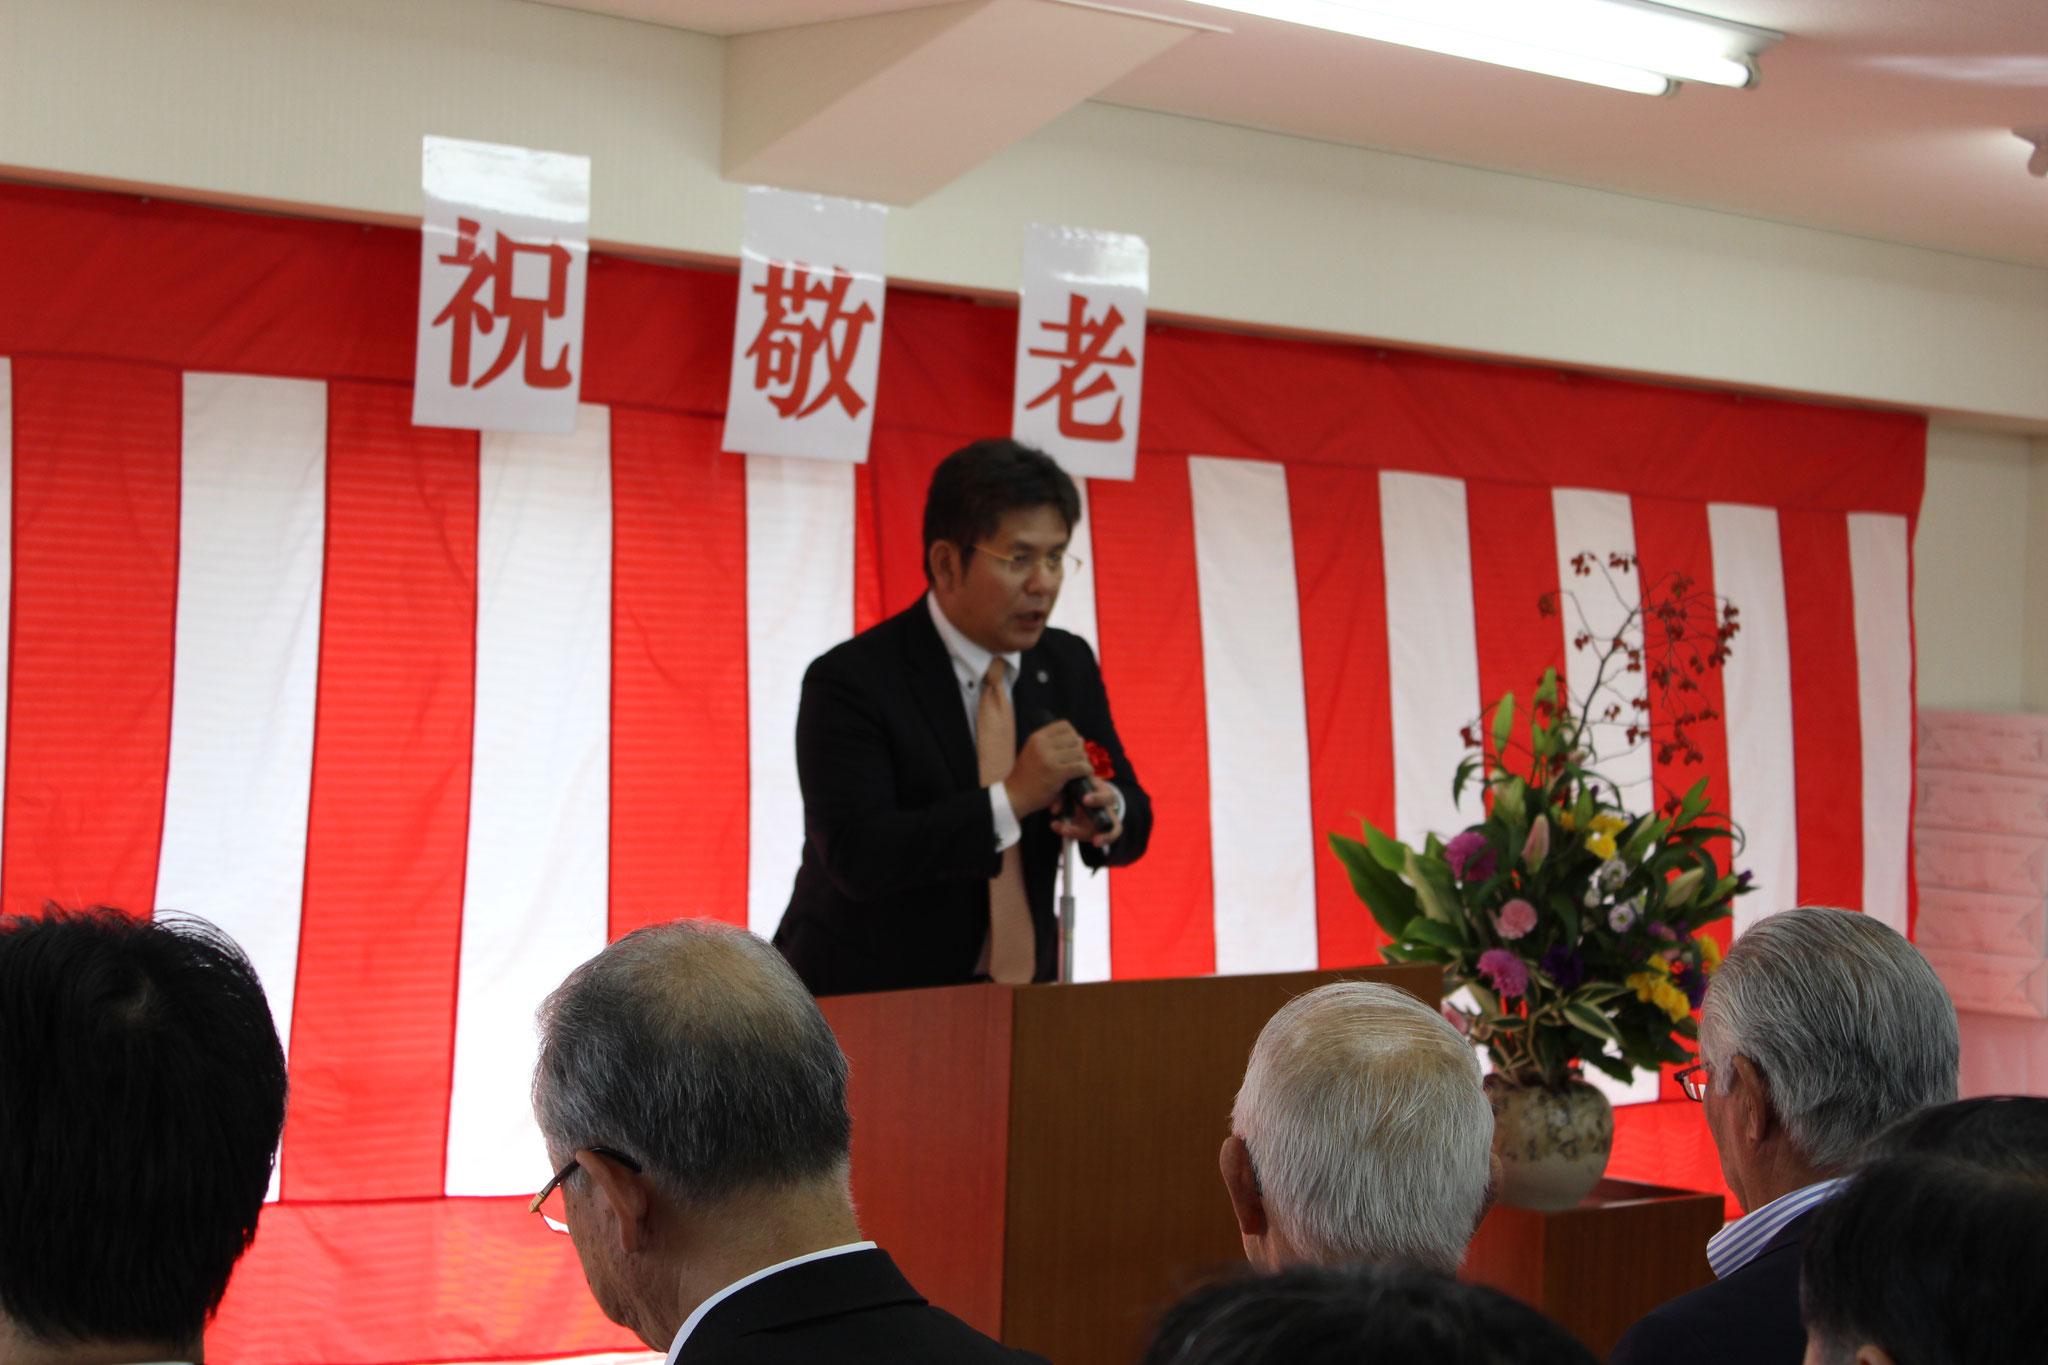 福岡県議会井上忠敏議員の秘書栗田様からの祝辞です。